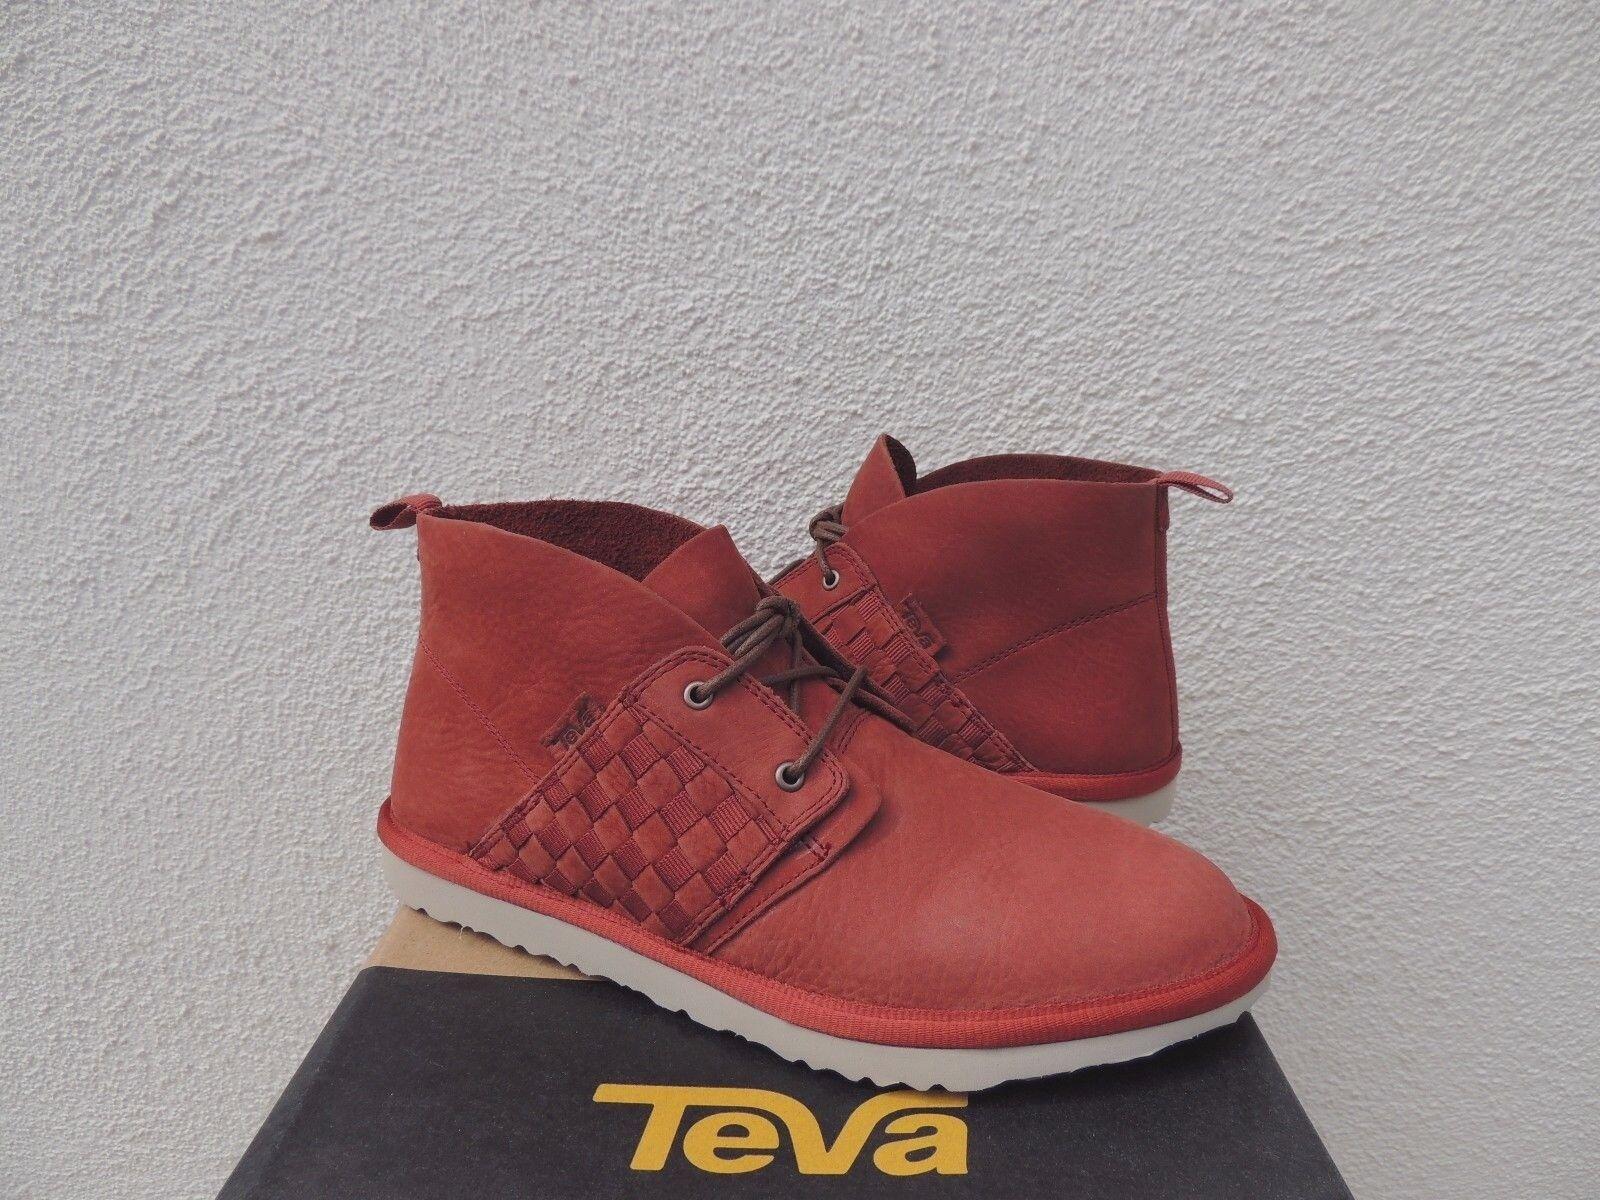 Teva coromar Suave Ladrillo Cuero Chukka botas al tobillo con cordones, US 7 38 euros  Nuevo con etiquetas